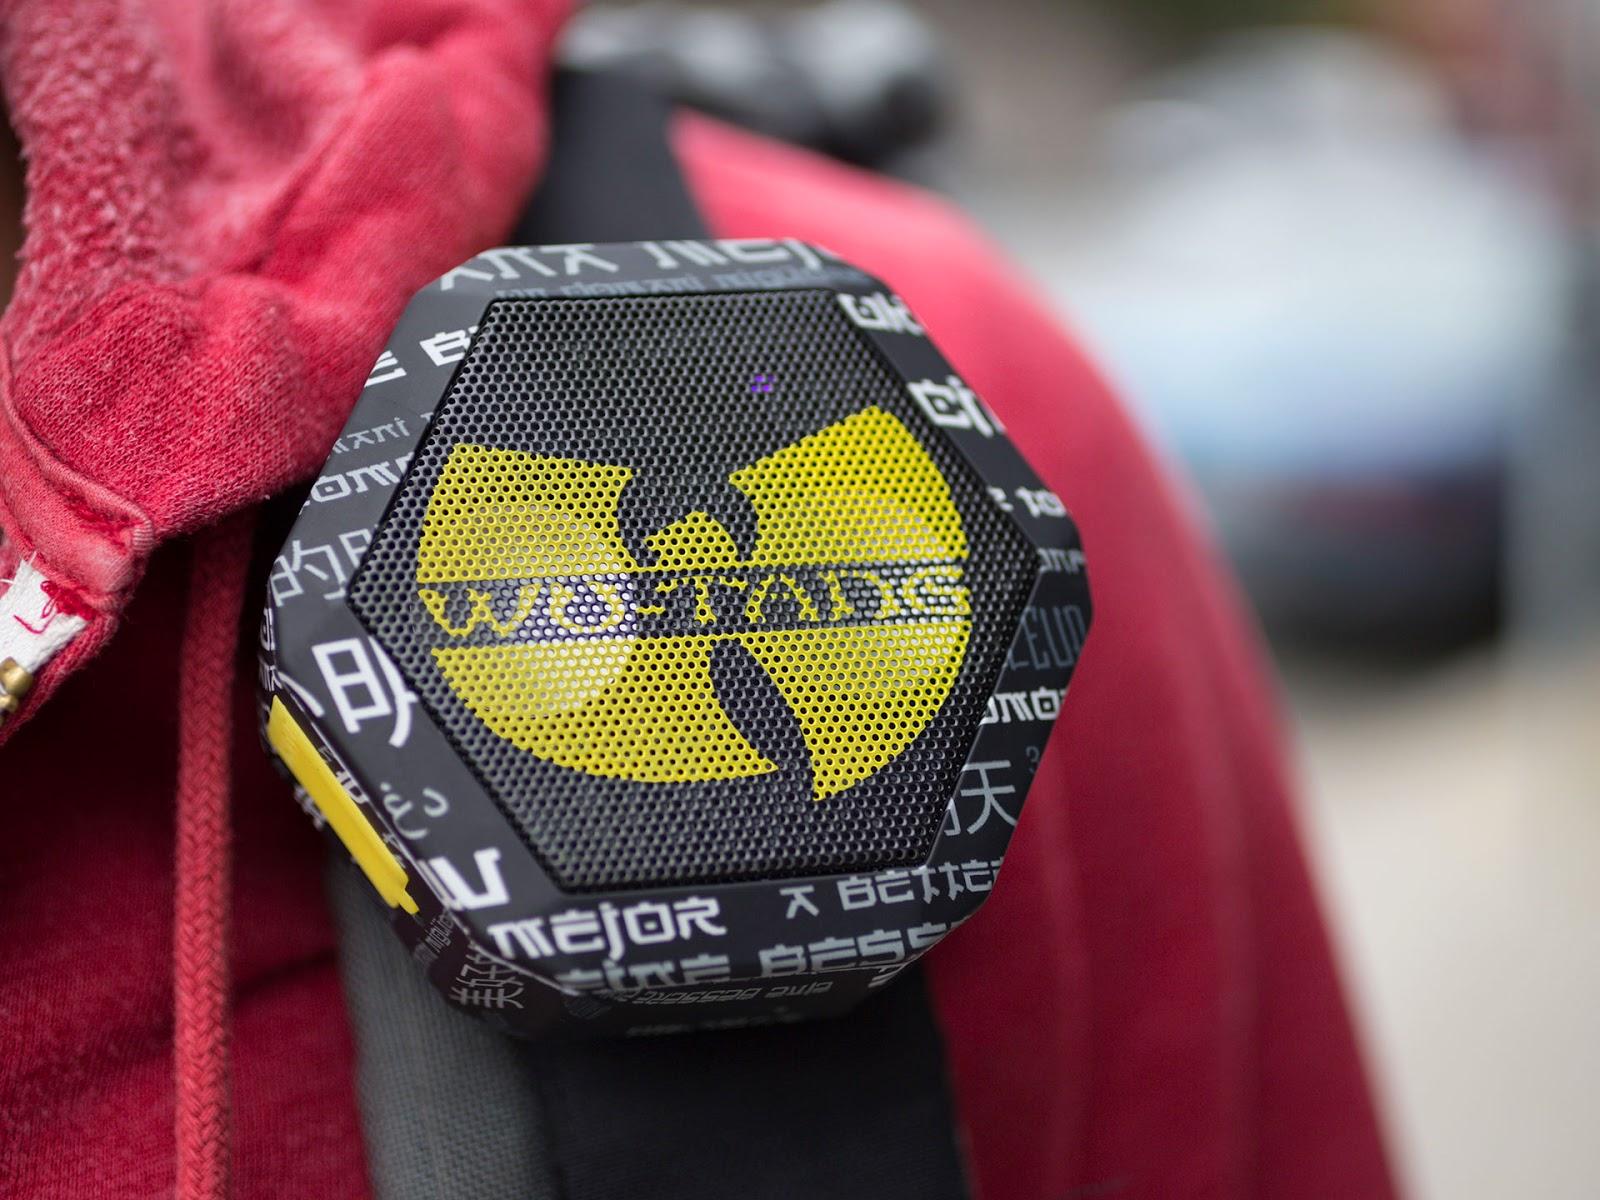 Wu-Tang Clan Boombotix REX speaker image